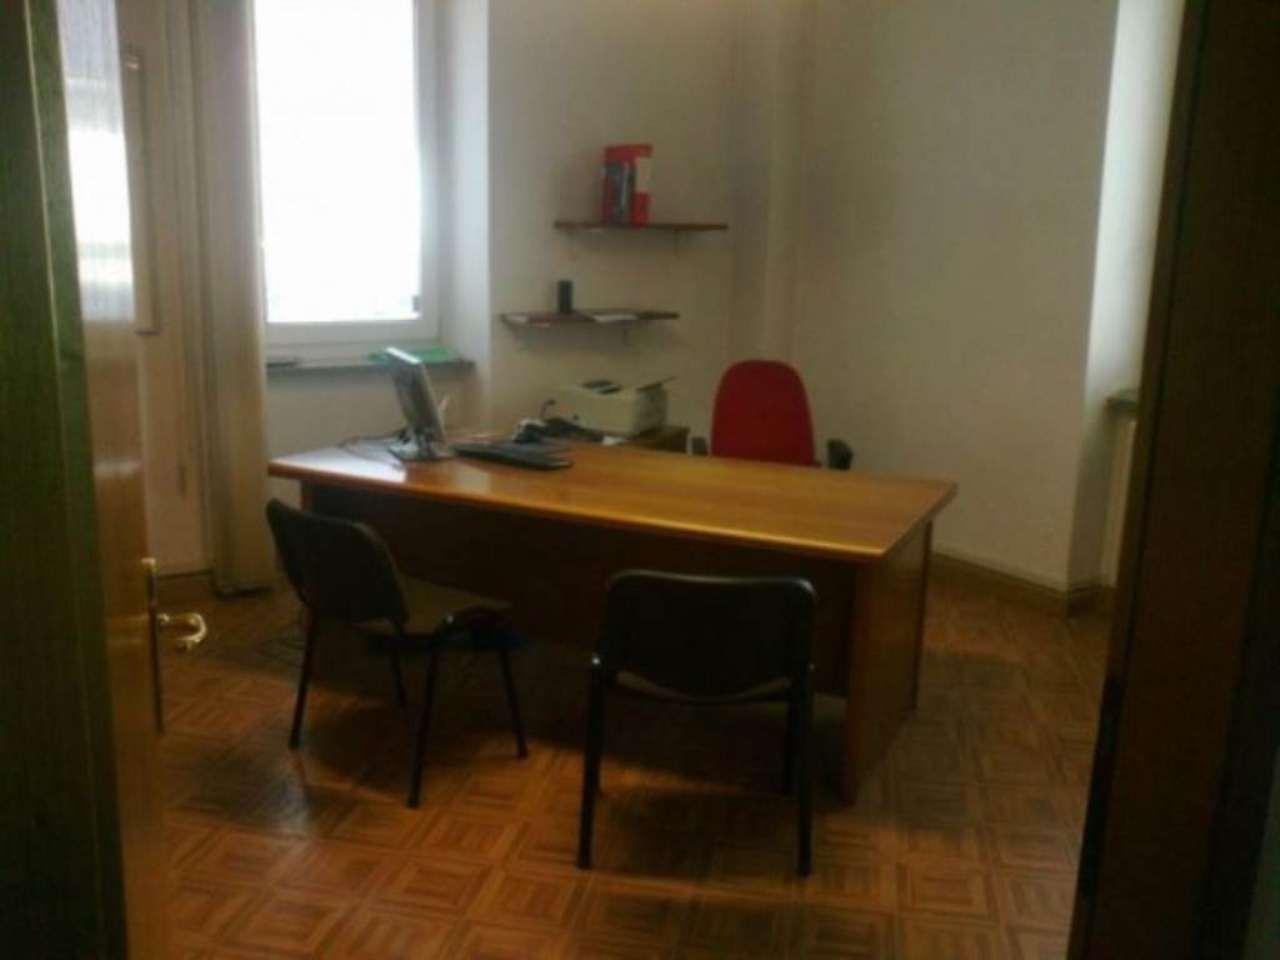 Ufficio / Studio in affitto a Cles, 5 locali, prezzo € 320 | Cambio Casa.it